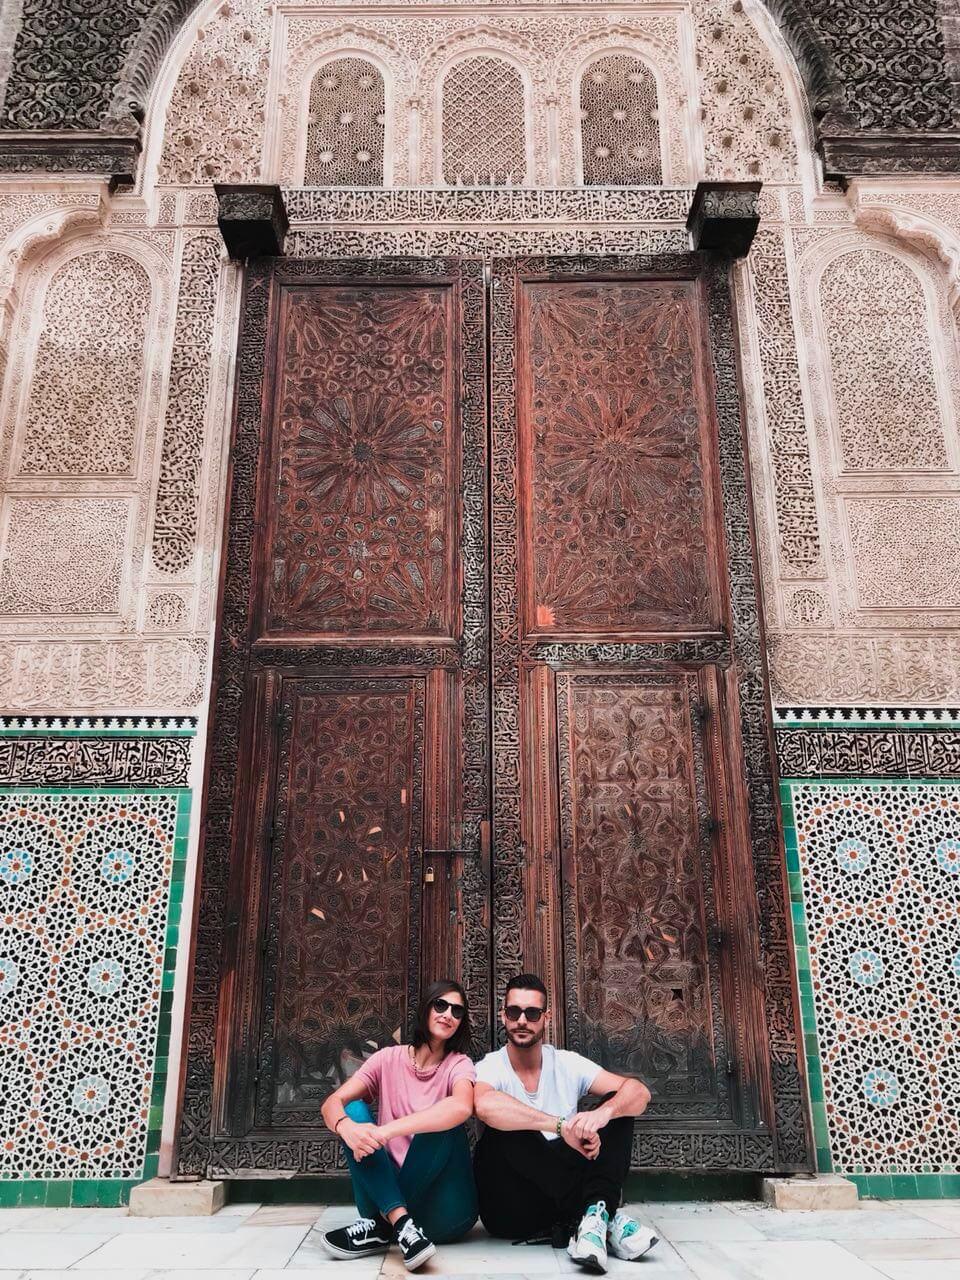 Marocco itinerario di viaggio_Medersa Al Attarine